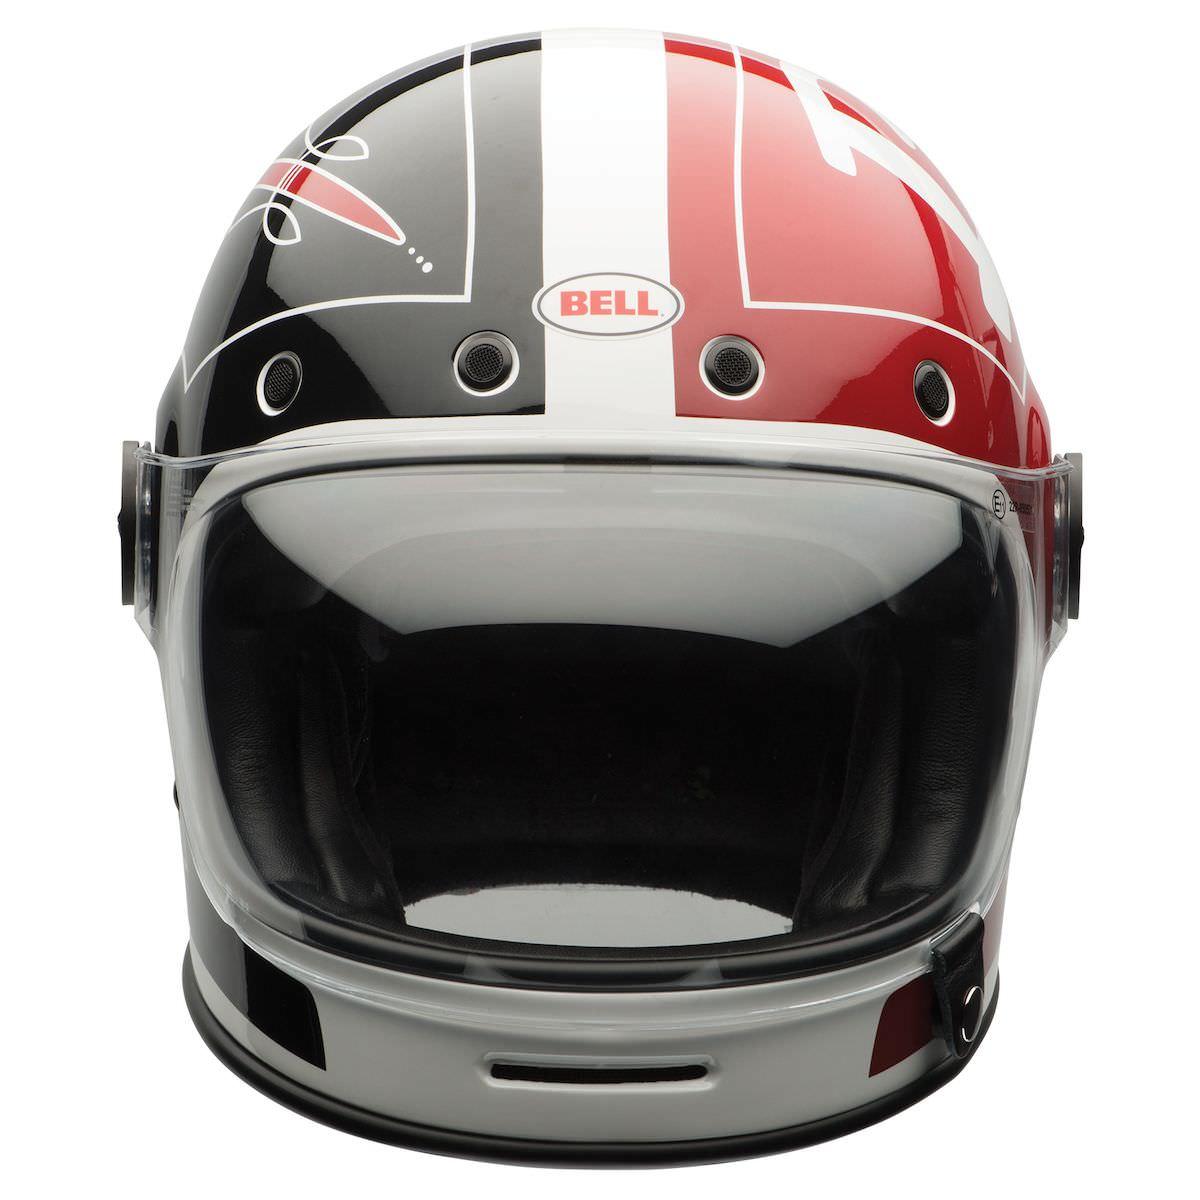 Bell Bullitt Helmet >> Bell Bullitt Skratch LE Helmet